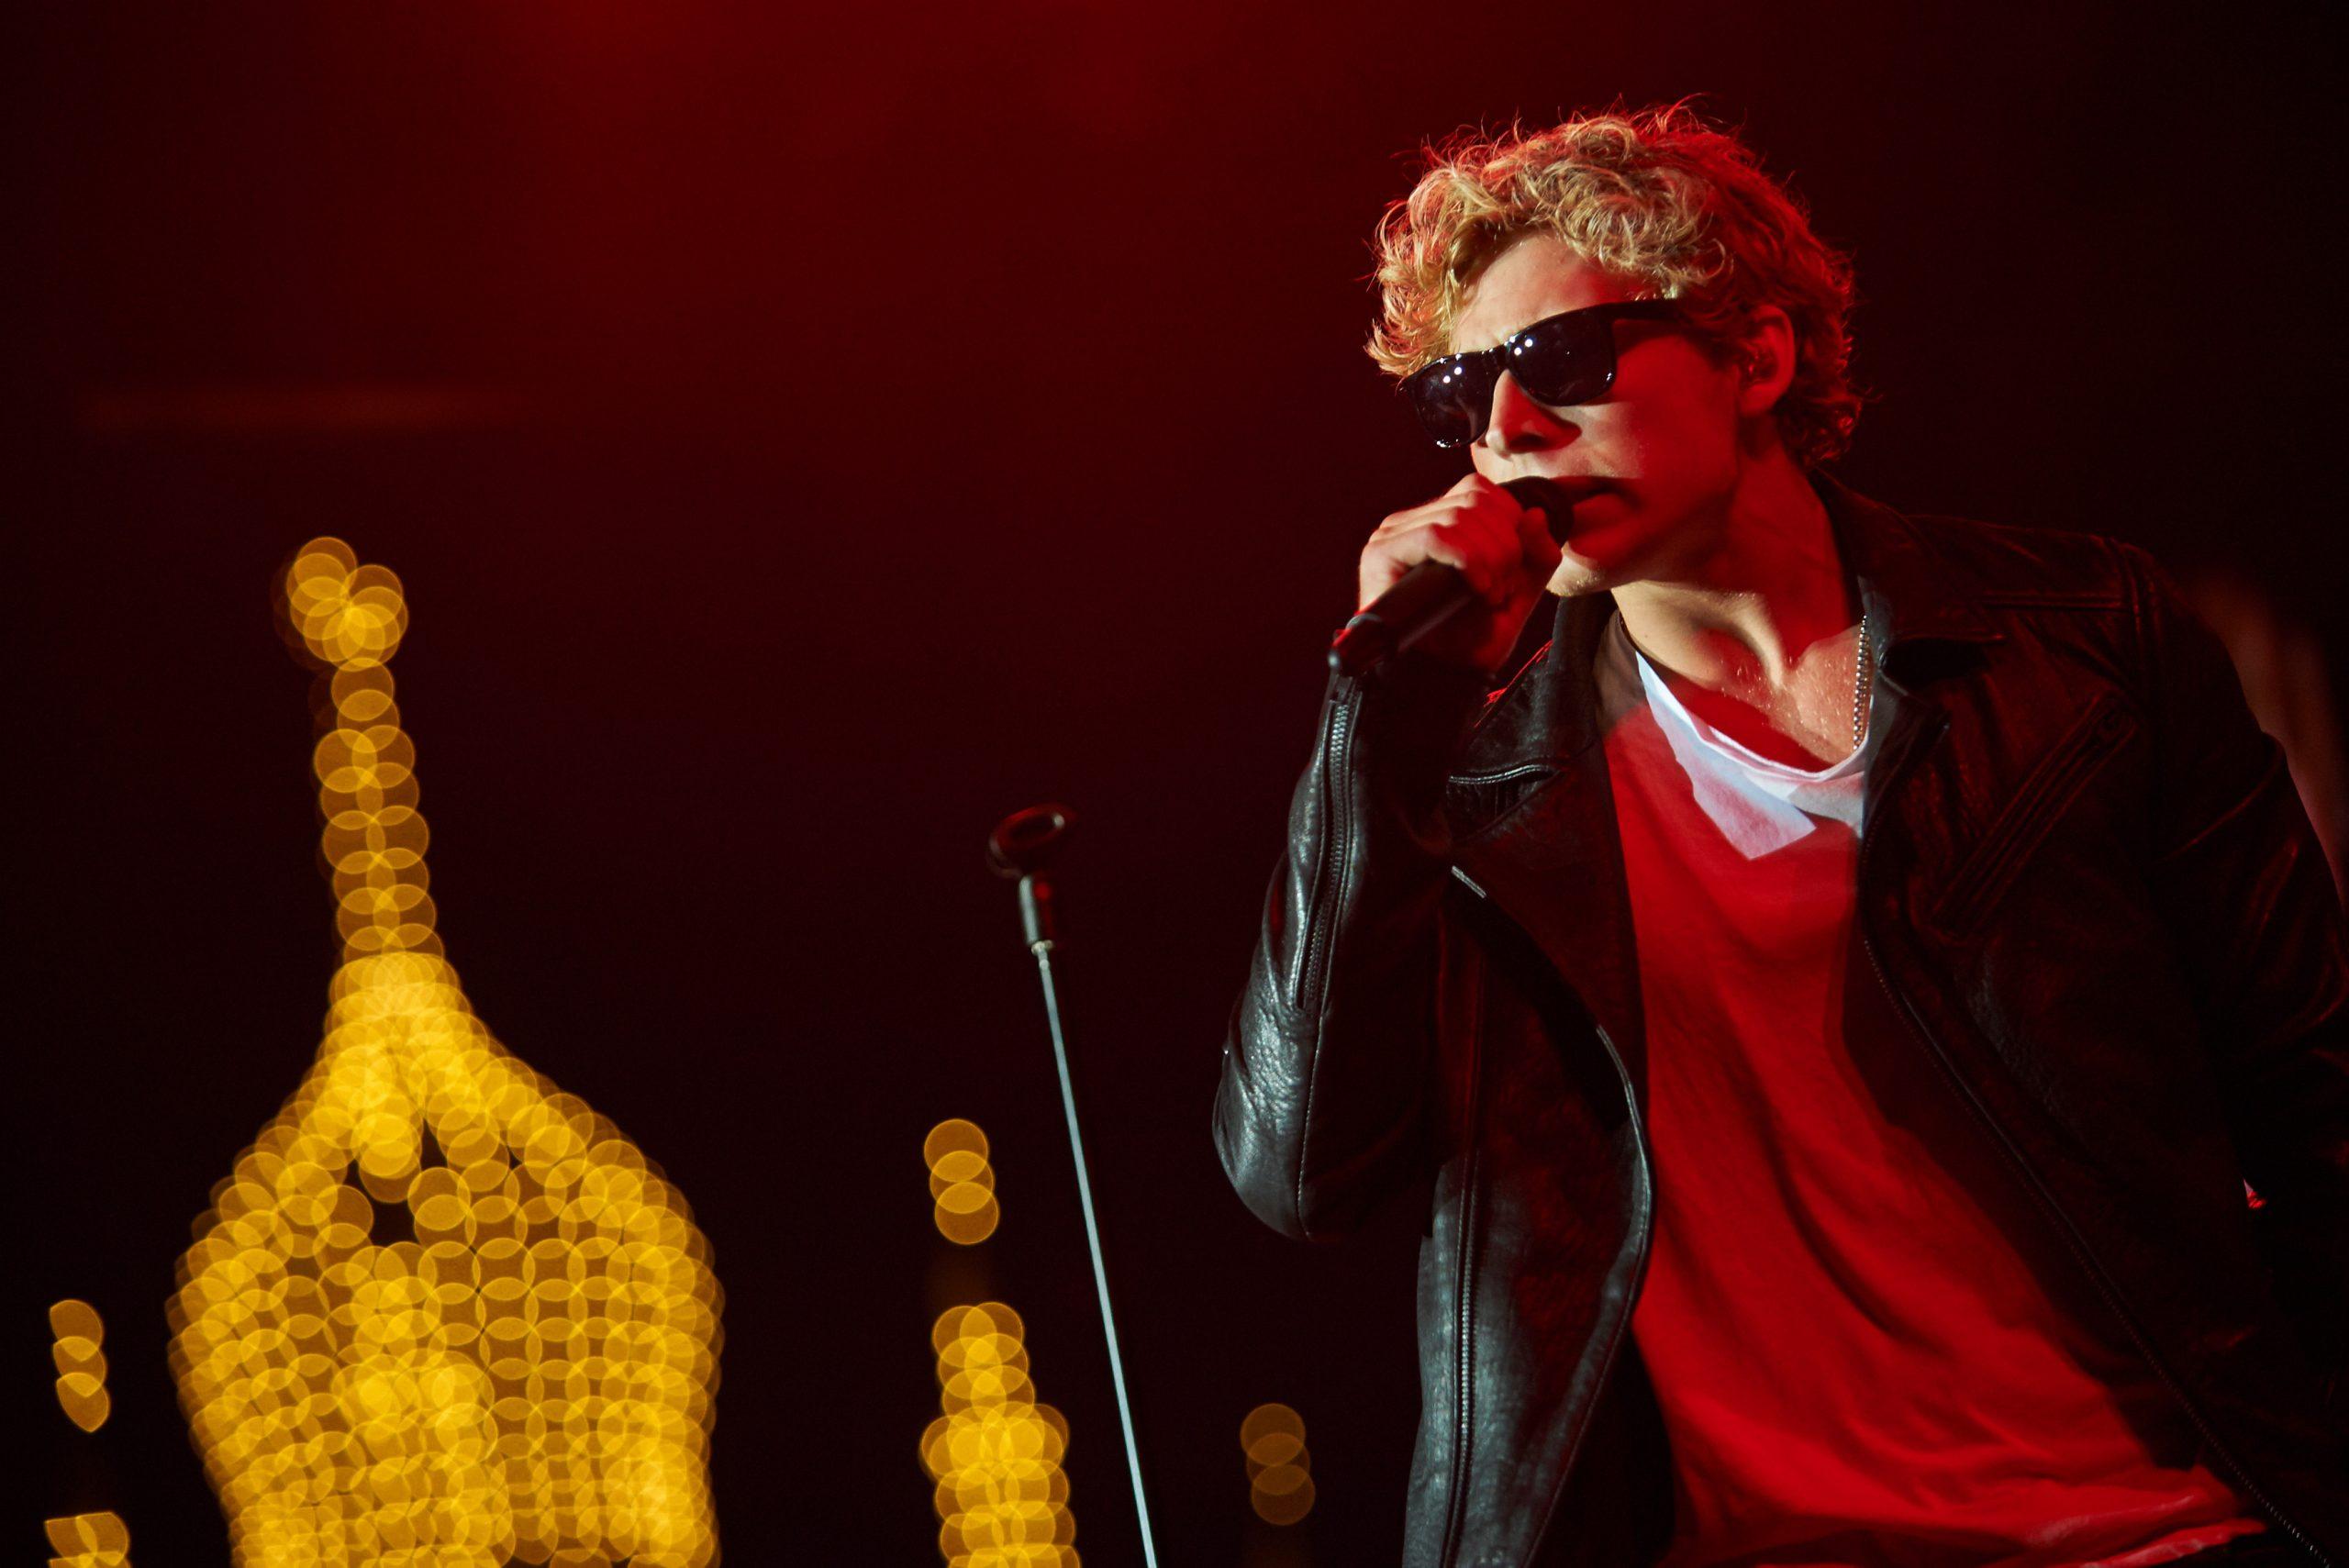 Sangeren Christopher (Lund Nissen) er blandt kunsterne, der skal optræde ved Tivolis kommende Havefester – indtil Fredagsrock vender tilbage, måske til august. Pressefoto fra Tivoli: Rasmus B. Hansen.